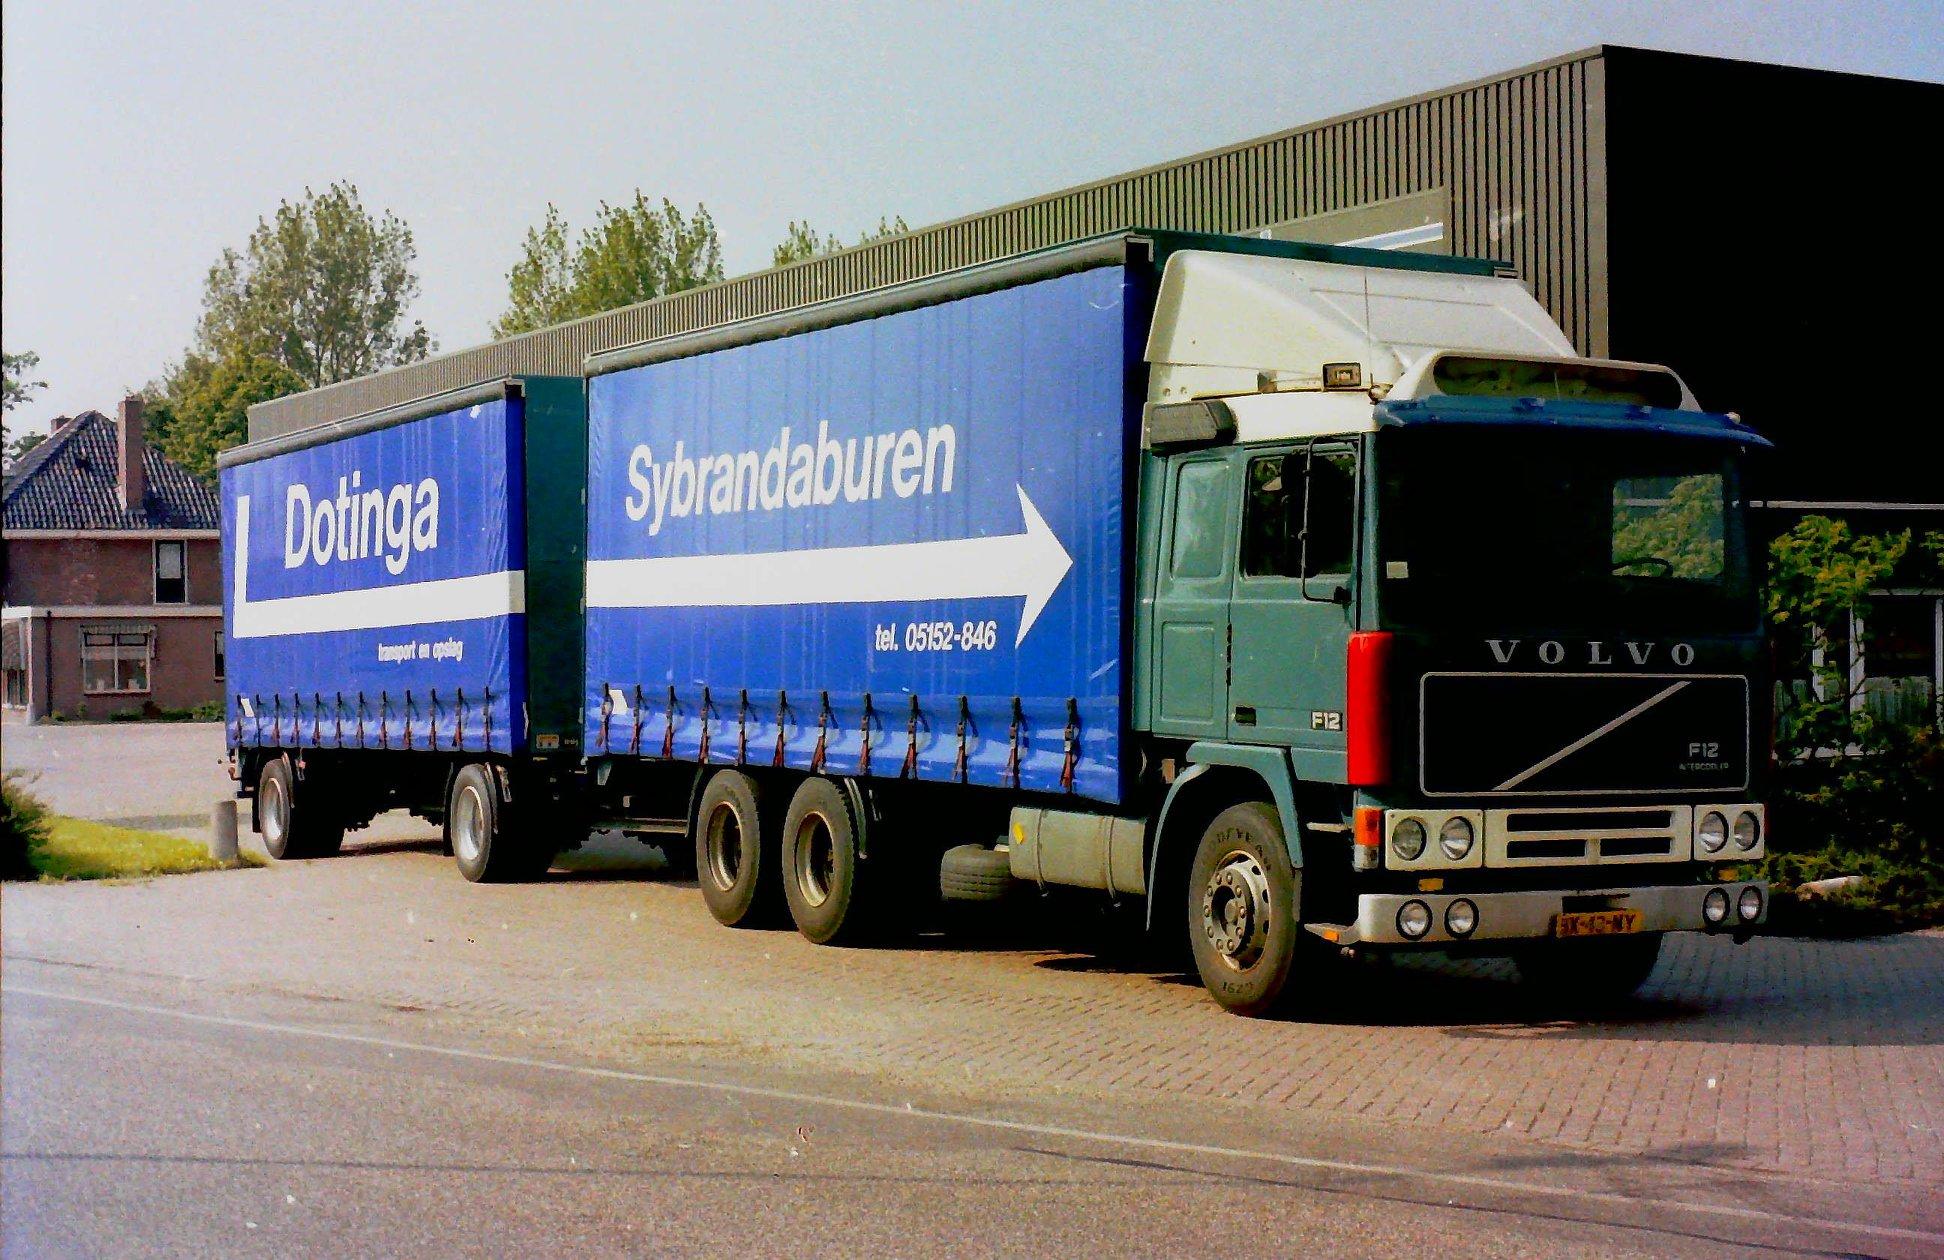 Volvo-door-Rondaan-opgebouwd-met-RAF-aanhangwagen-voor-Melle-Dotinga-uit-Sybrandeburen-1